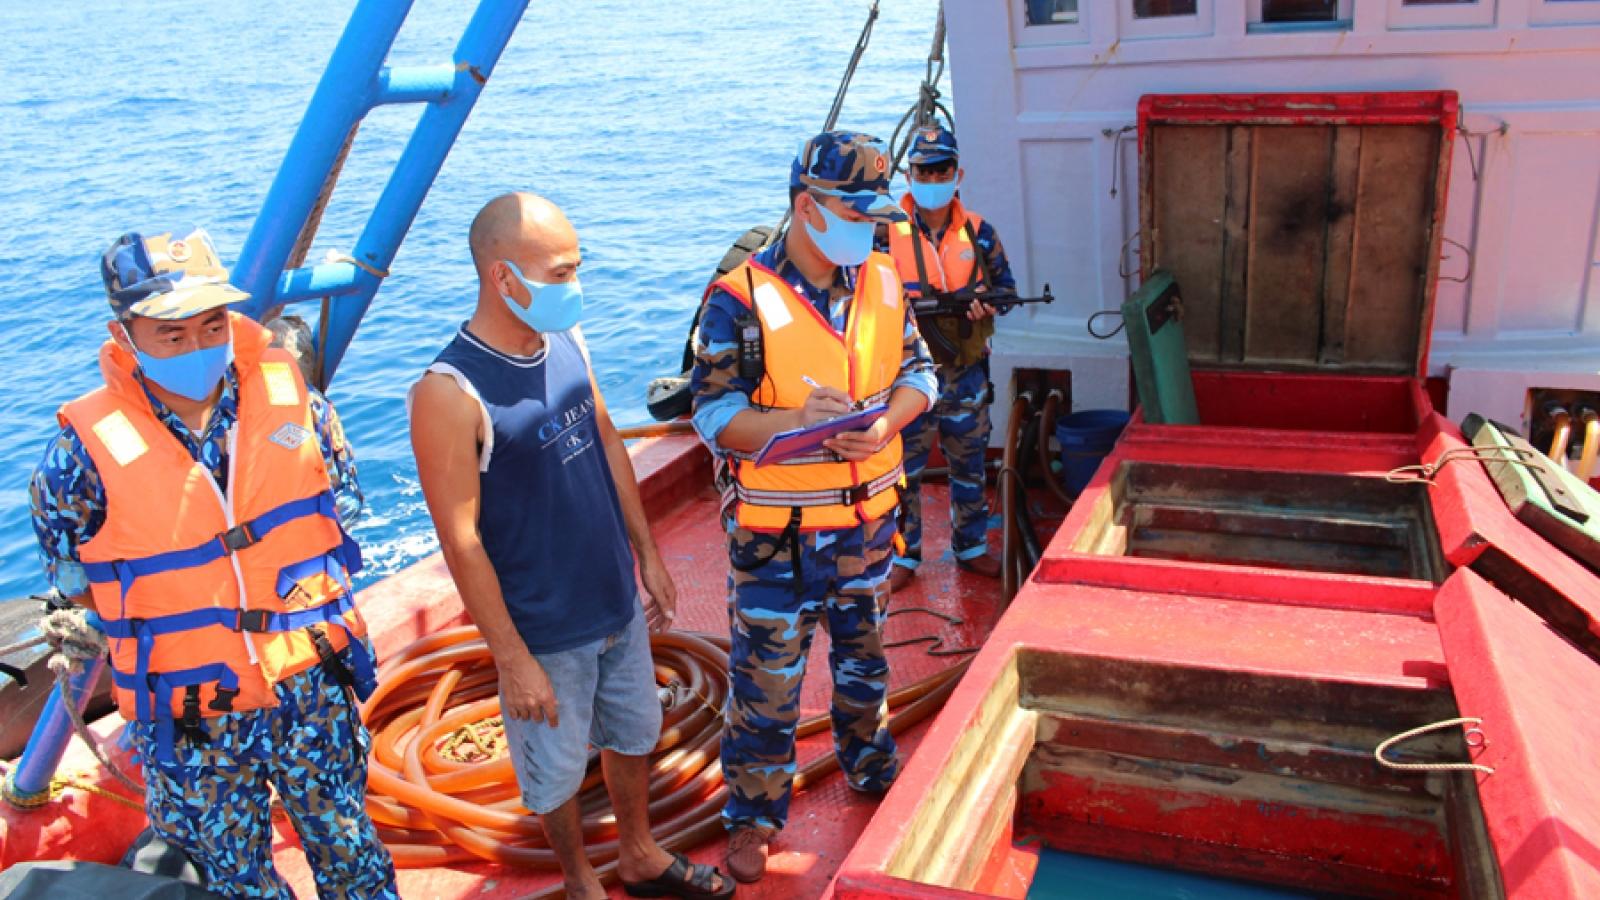 Vùng Cảnh sát biển 4 bắt tàu chở khoảng 50 ngàn lít dầu lậu